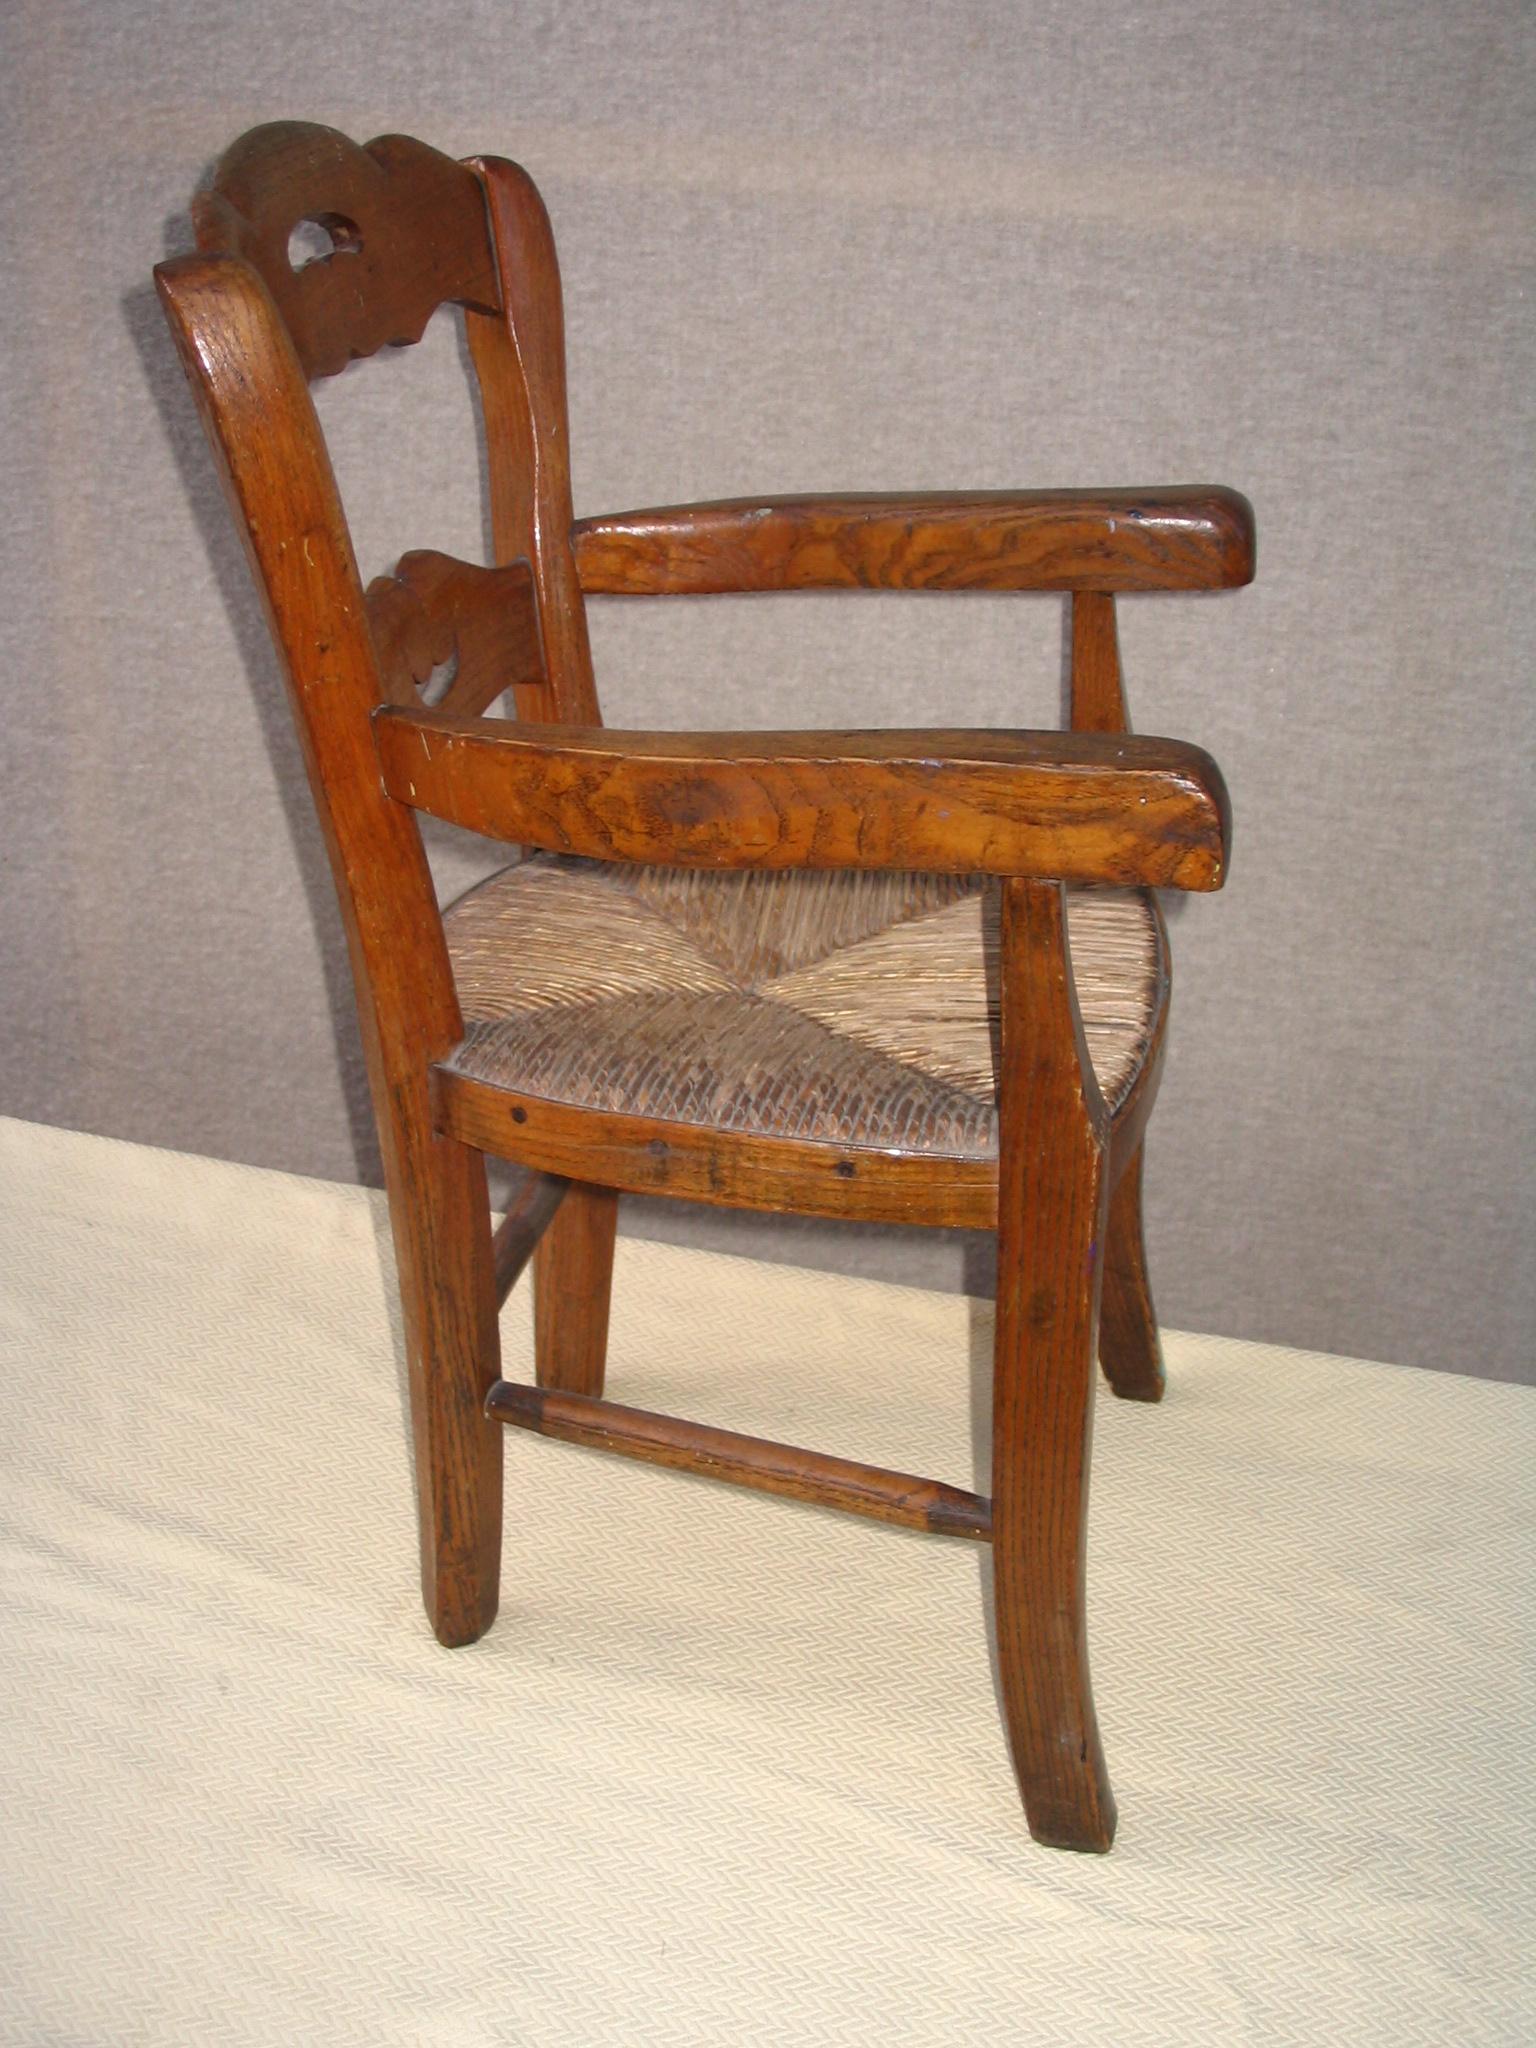 Chaise En Bois Ancienne : Dans Tables et Chaises par antiquites.belbezier le 1 octobre 2010